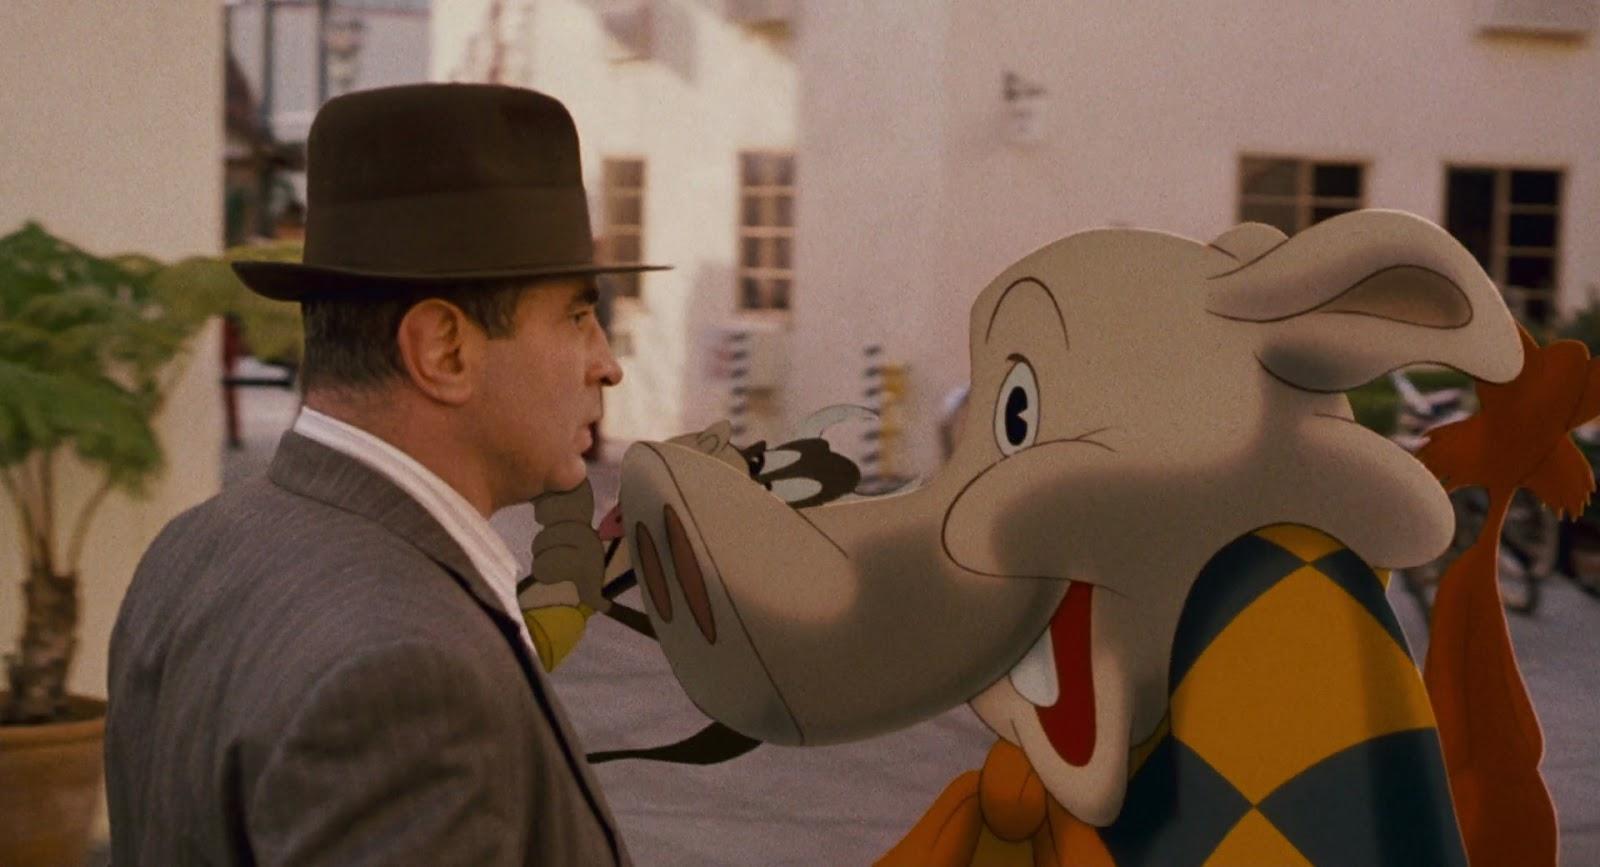 Deja View: Roger Rabbit Scenes